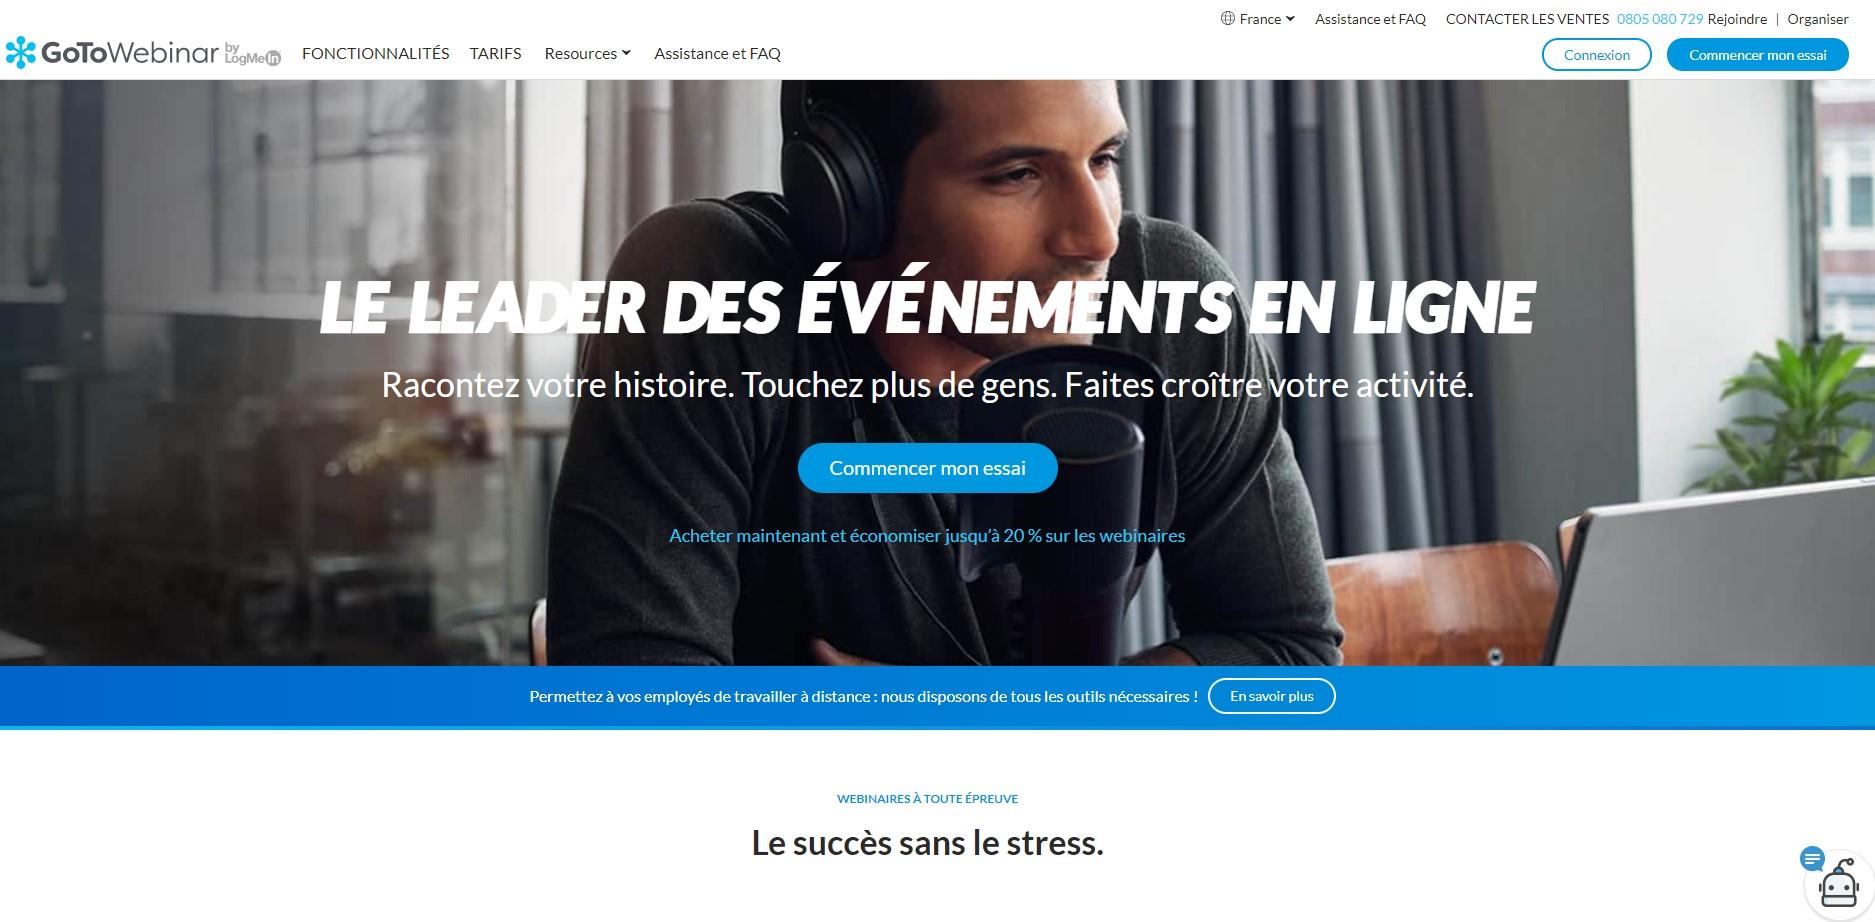 GoToWebinar, le meilleur logiciel de webinaire pour les entreprises